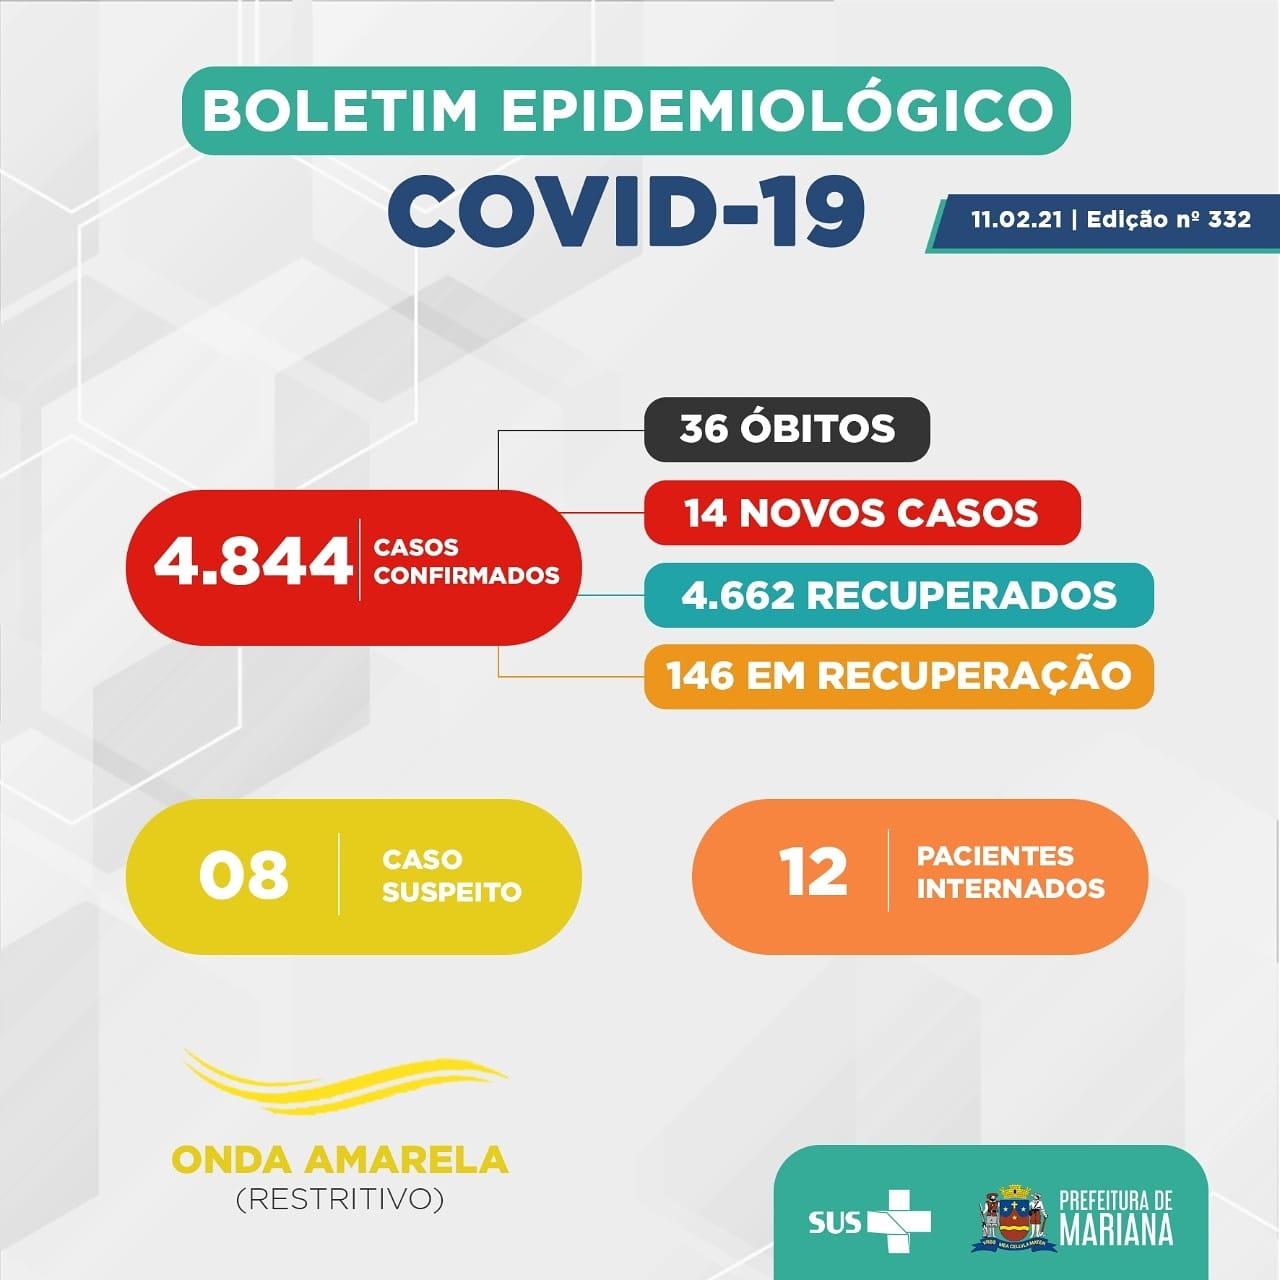 Covid-19: Boletim atualizado pela Prefeitura de Mariana-MG ...